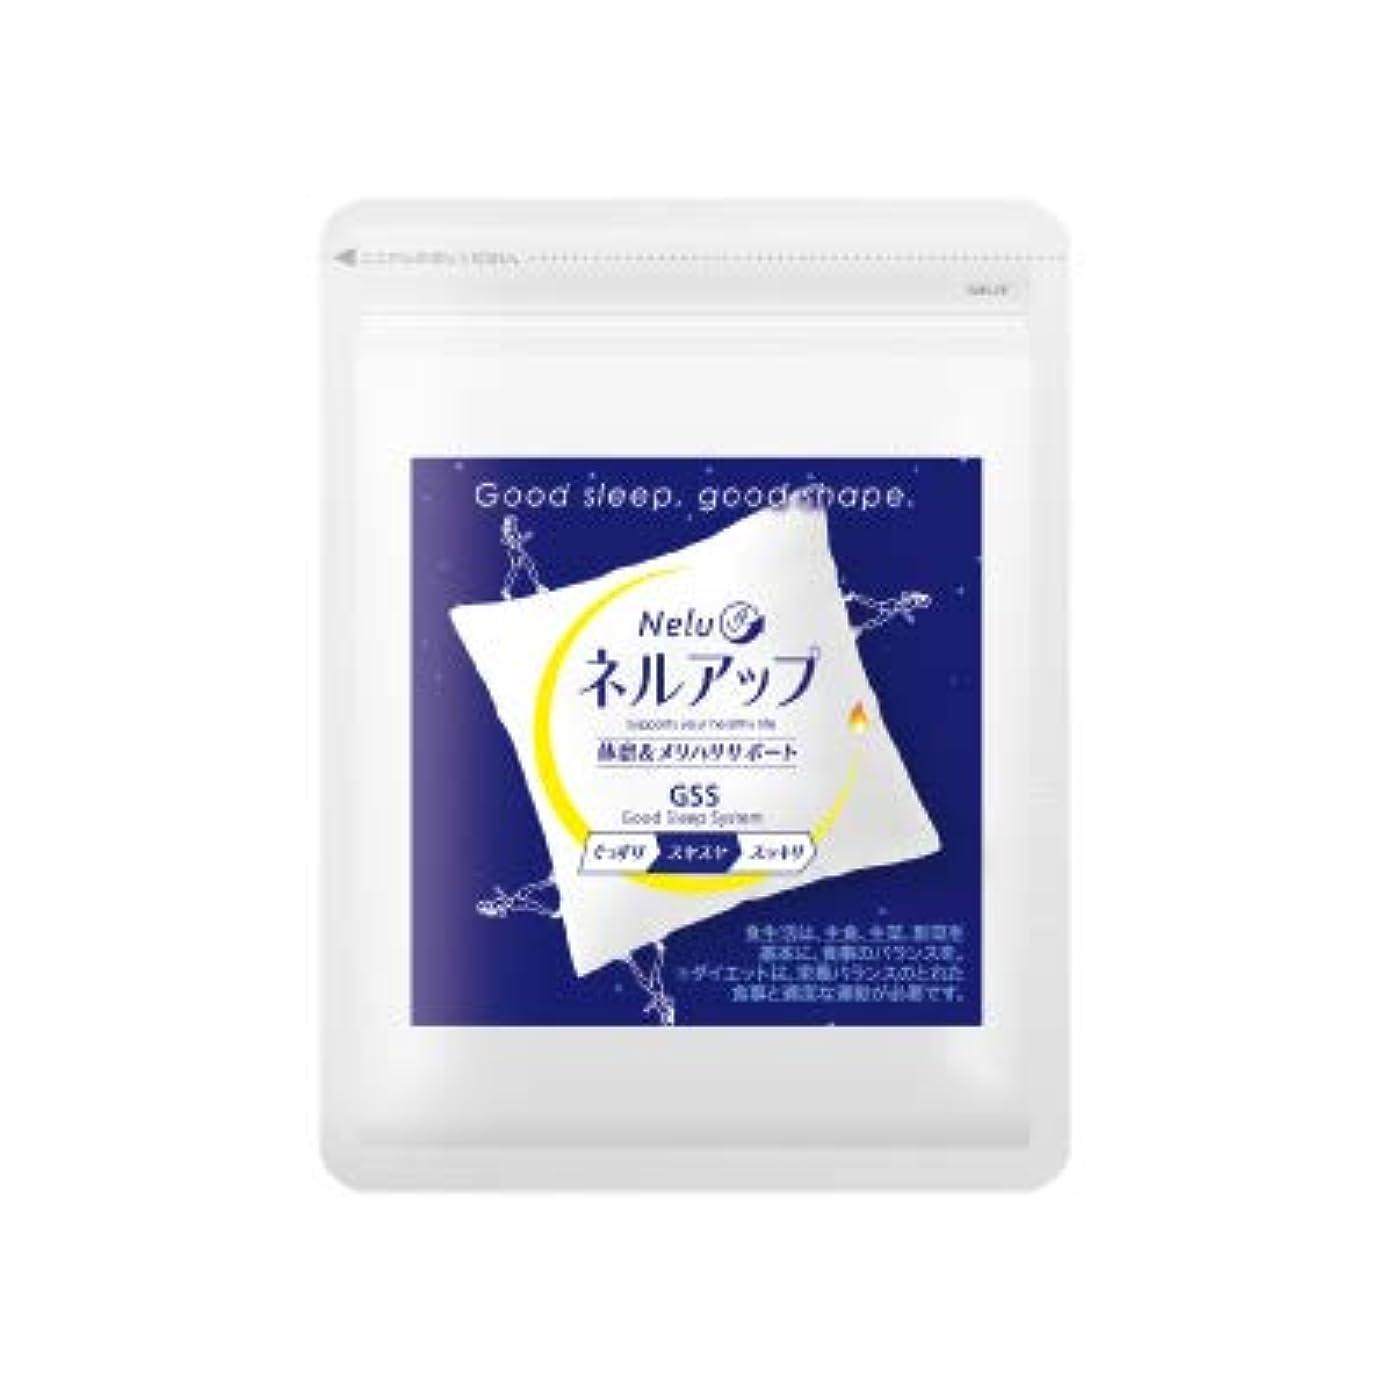 トムオードリースプライム小康ネルアップ 20粒 ダイエット ダイエットサプリ ダイエットサプリメント 睡眠 GABA